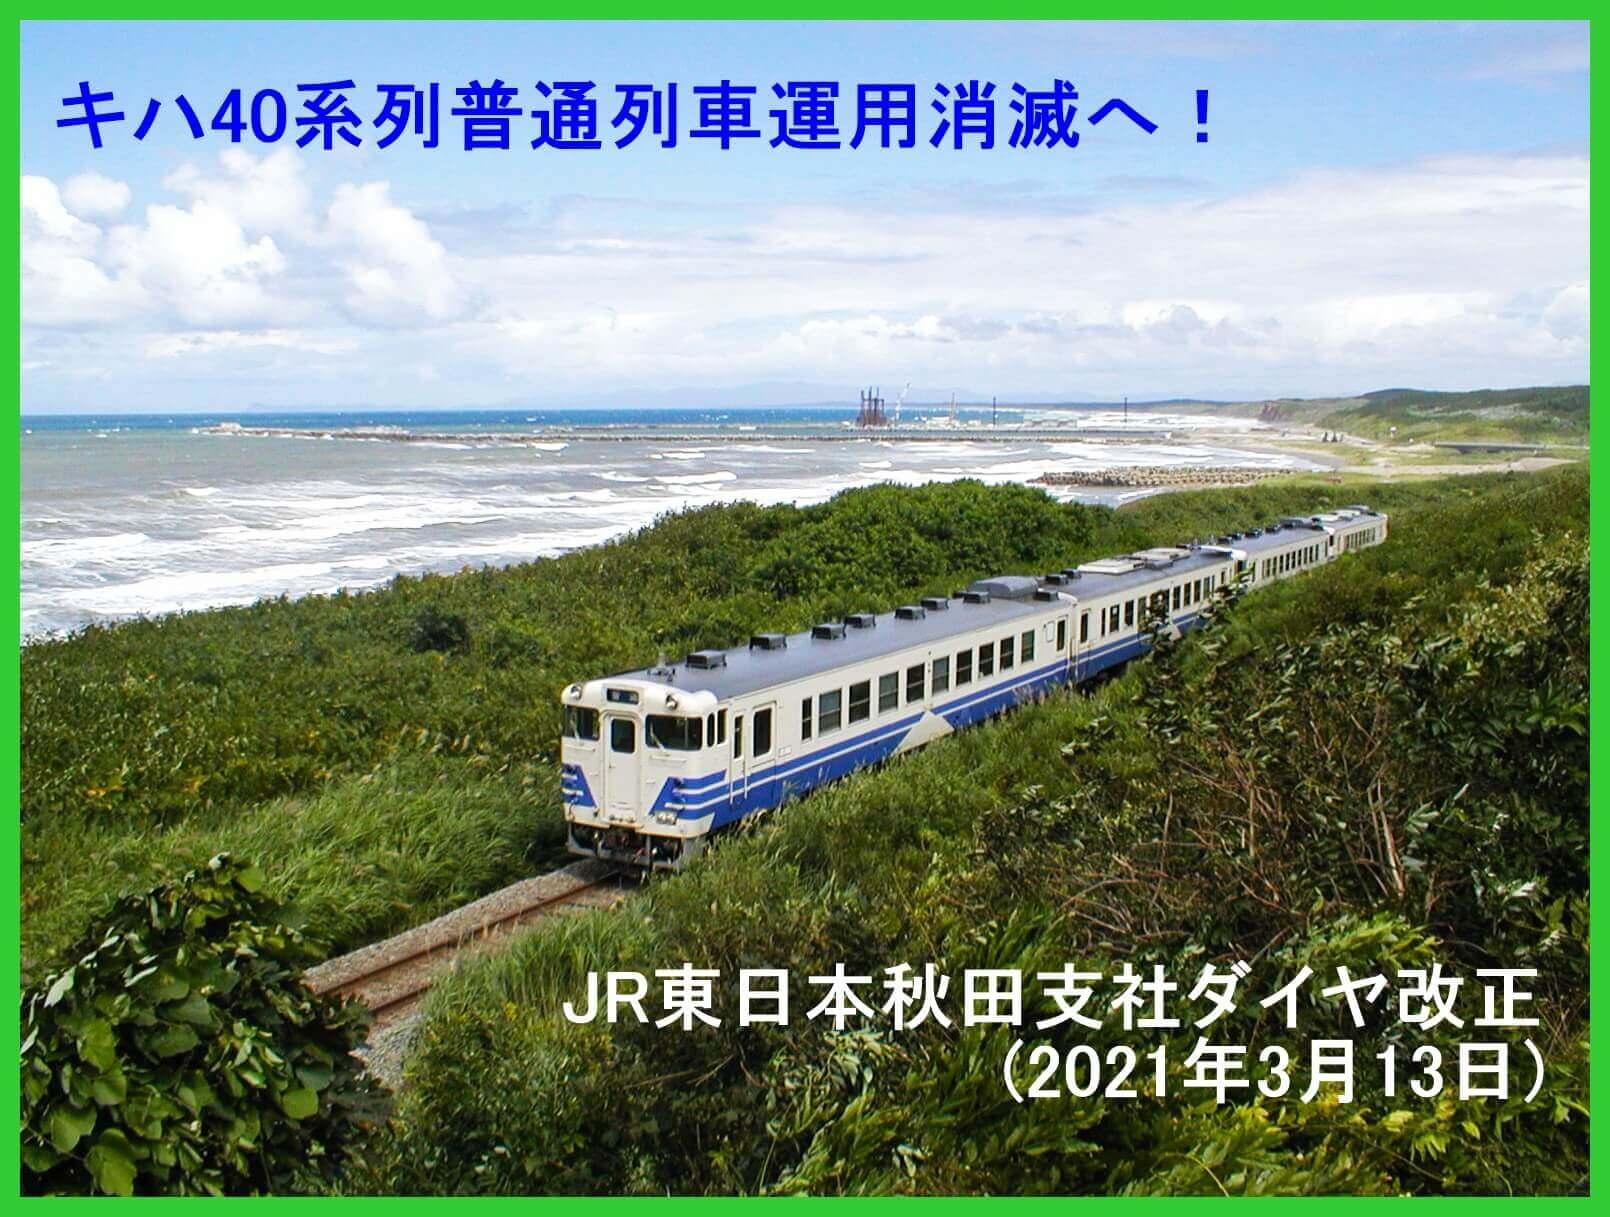 キハ40系列普通列車運用消滅へ! JR東日本秋田支社ダイヤ改正(2021年3月13日)